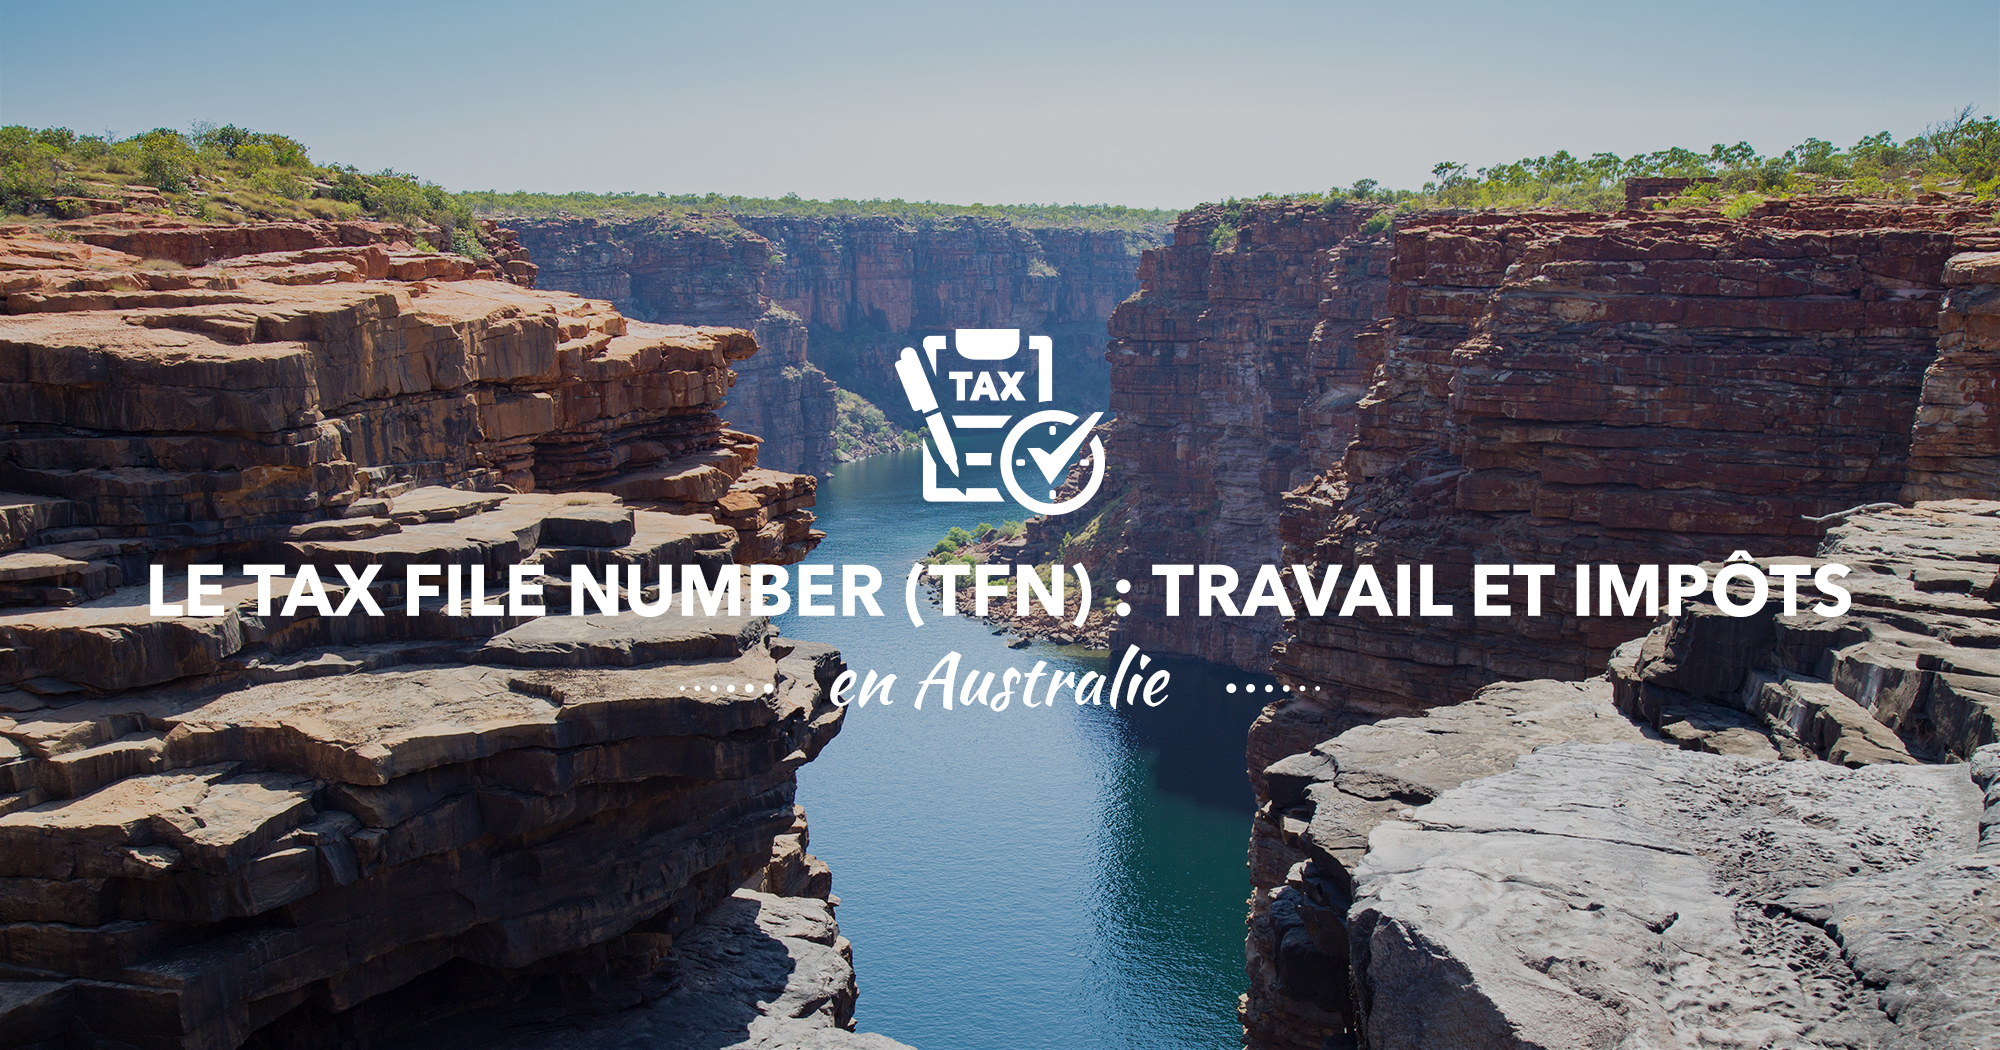 site de rencontre gratuit le plus populaire en Australie choses douces à dire datant